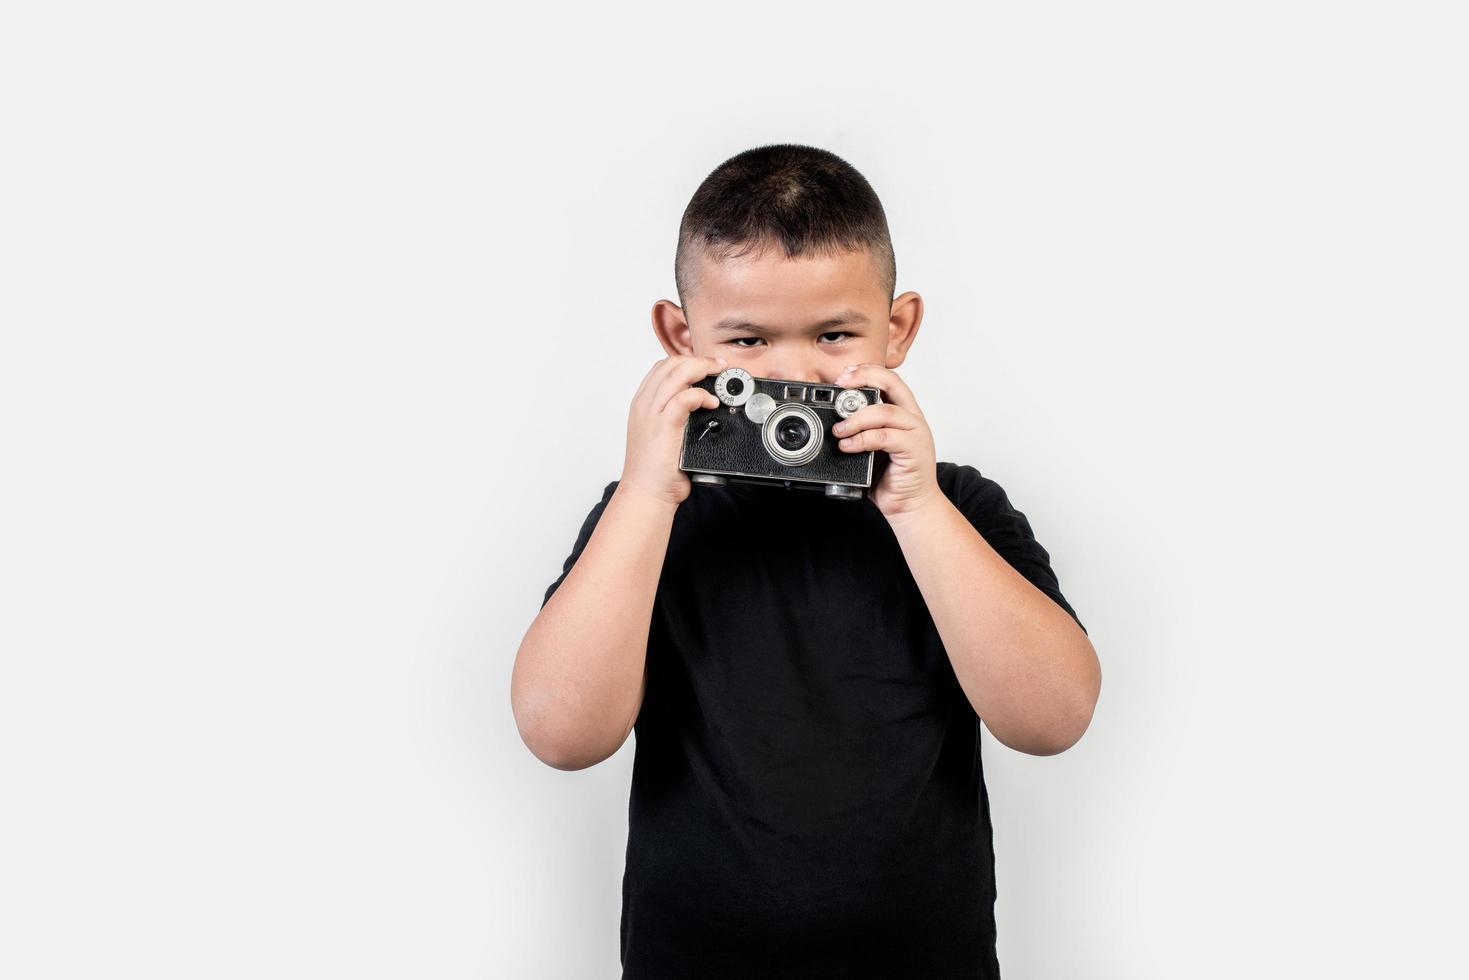 fotógrafo de niños tomar una foto. foto